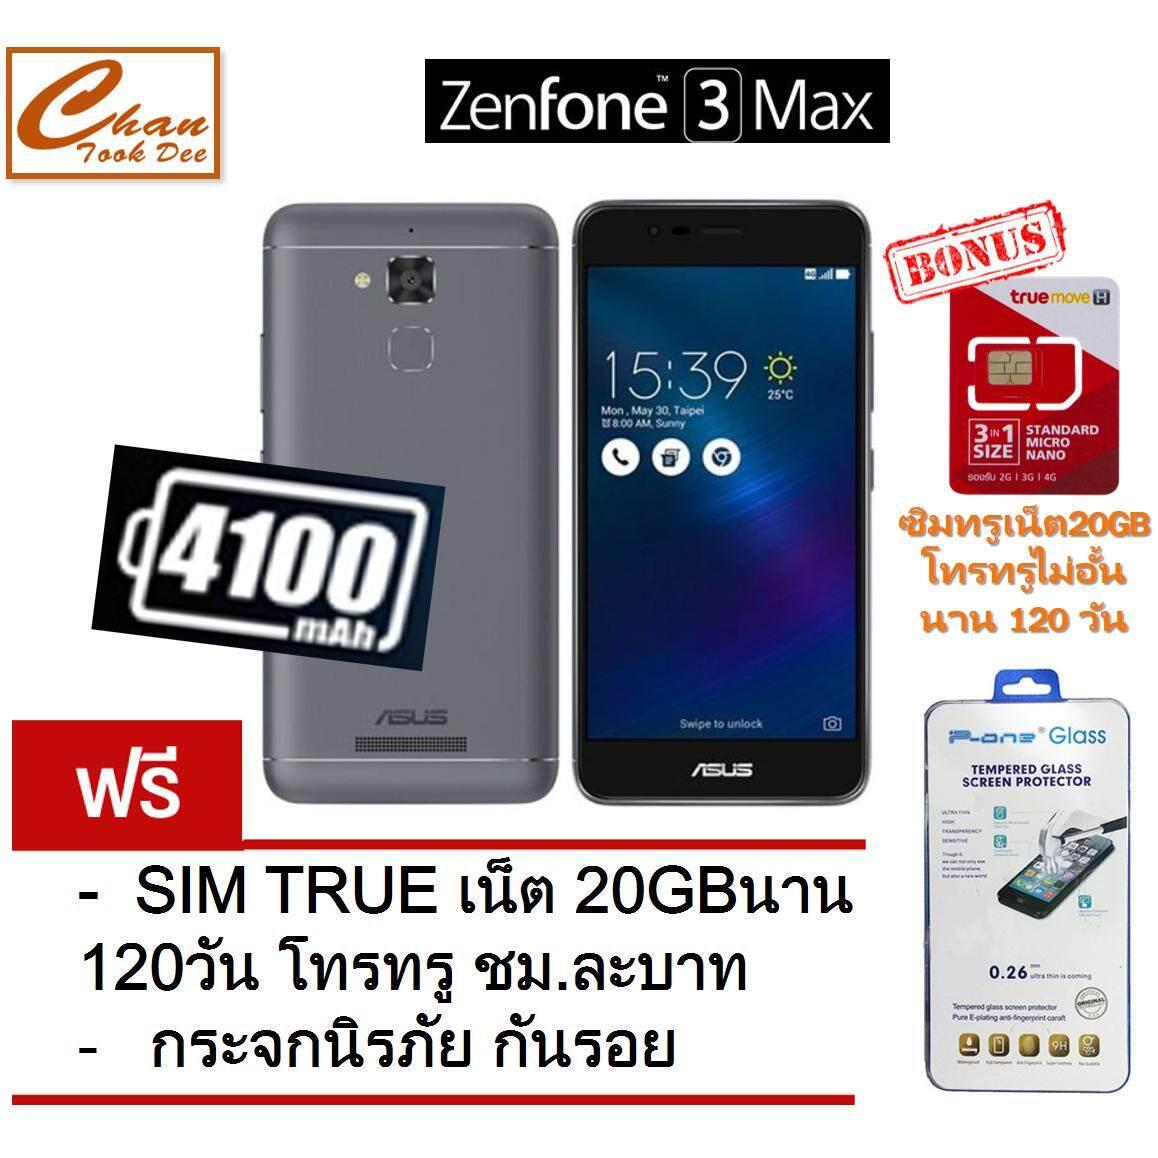 ราคา Asus Zenfone 3 Max 5 2 Zc520Tl แบต 4100Mah 16Gb Grey ฟรี กระจกนิรภัยกันรอย ซิมทรูเน็ต20Gb นาน 120 วัน โทรทรู ชม ละบาท เป็นต้นฉบับ